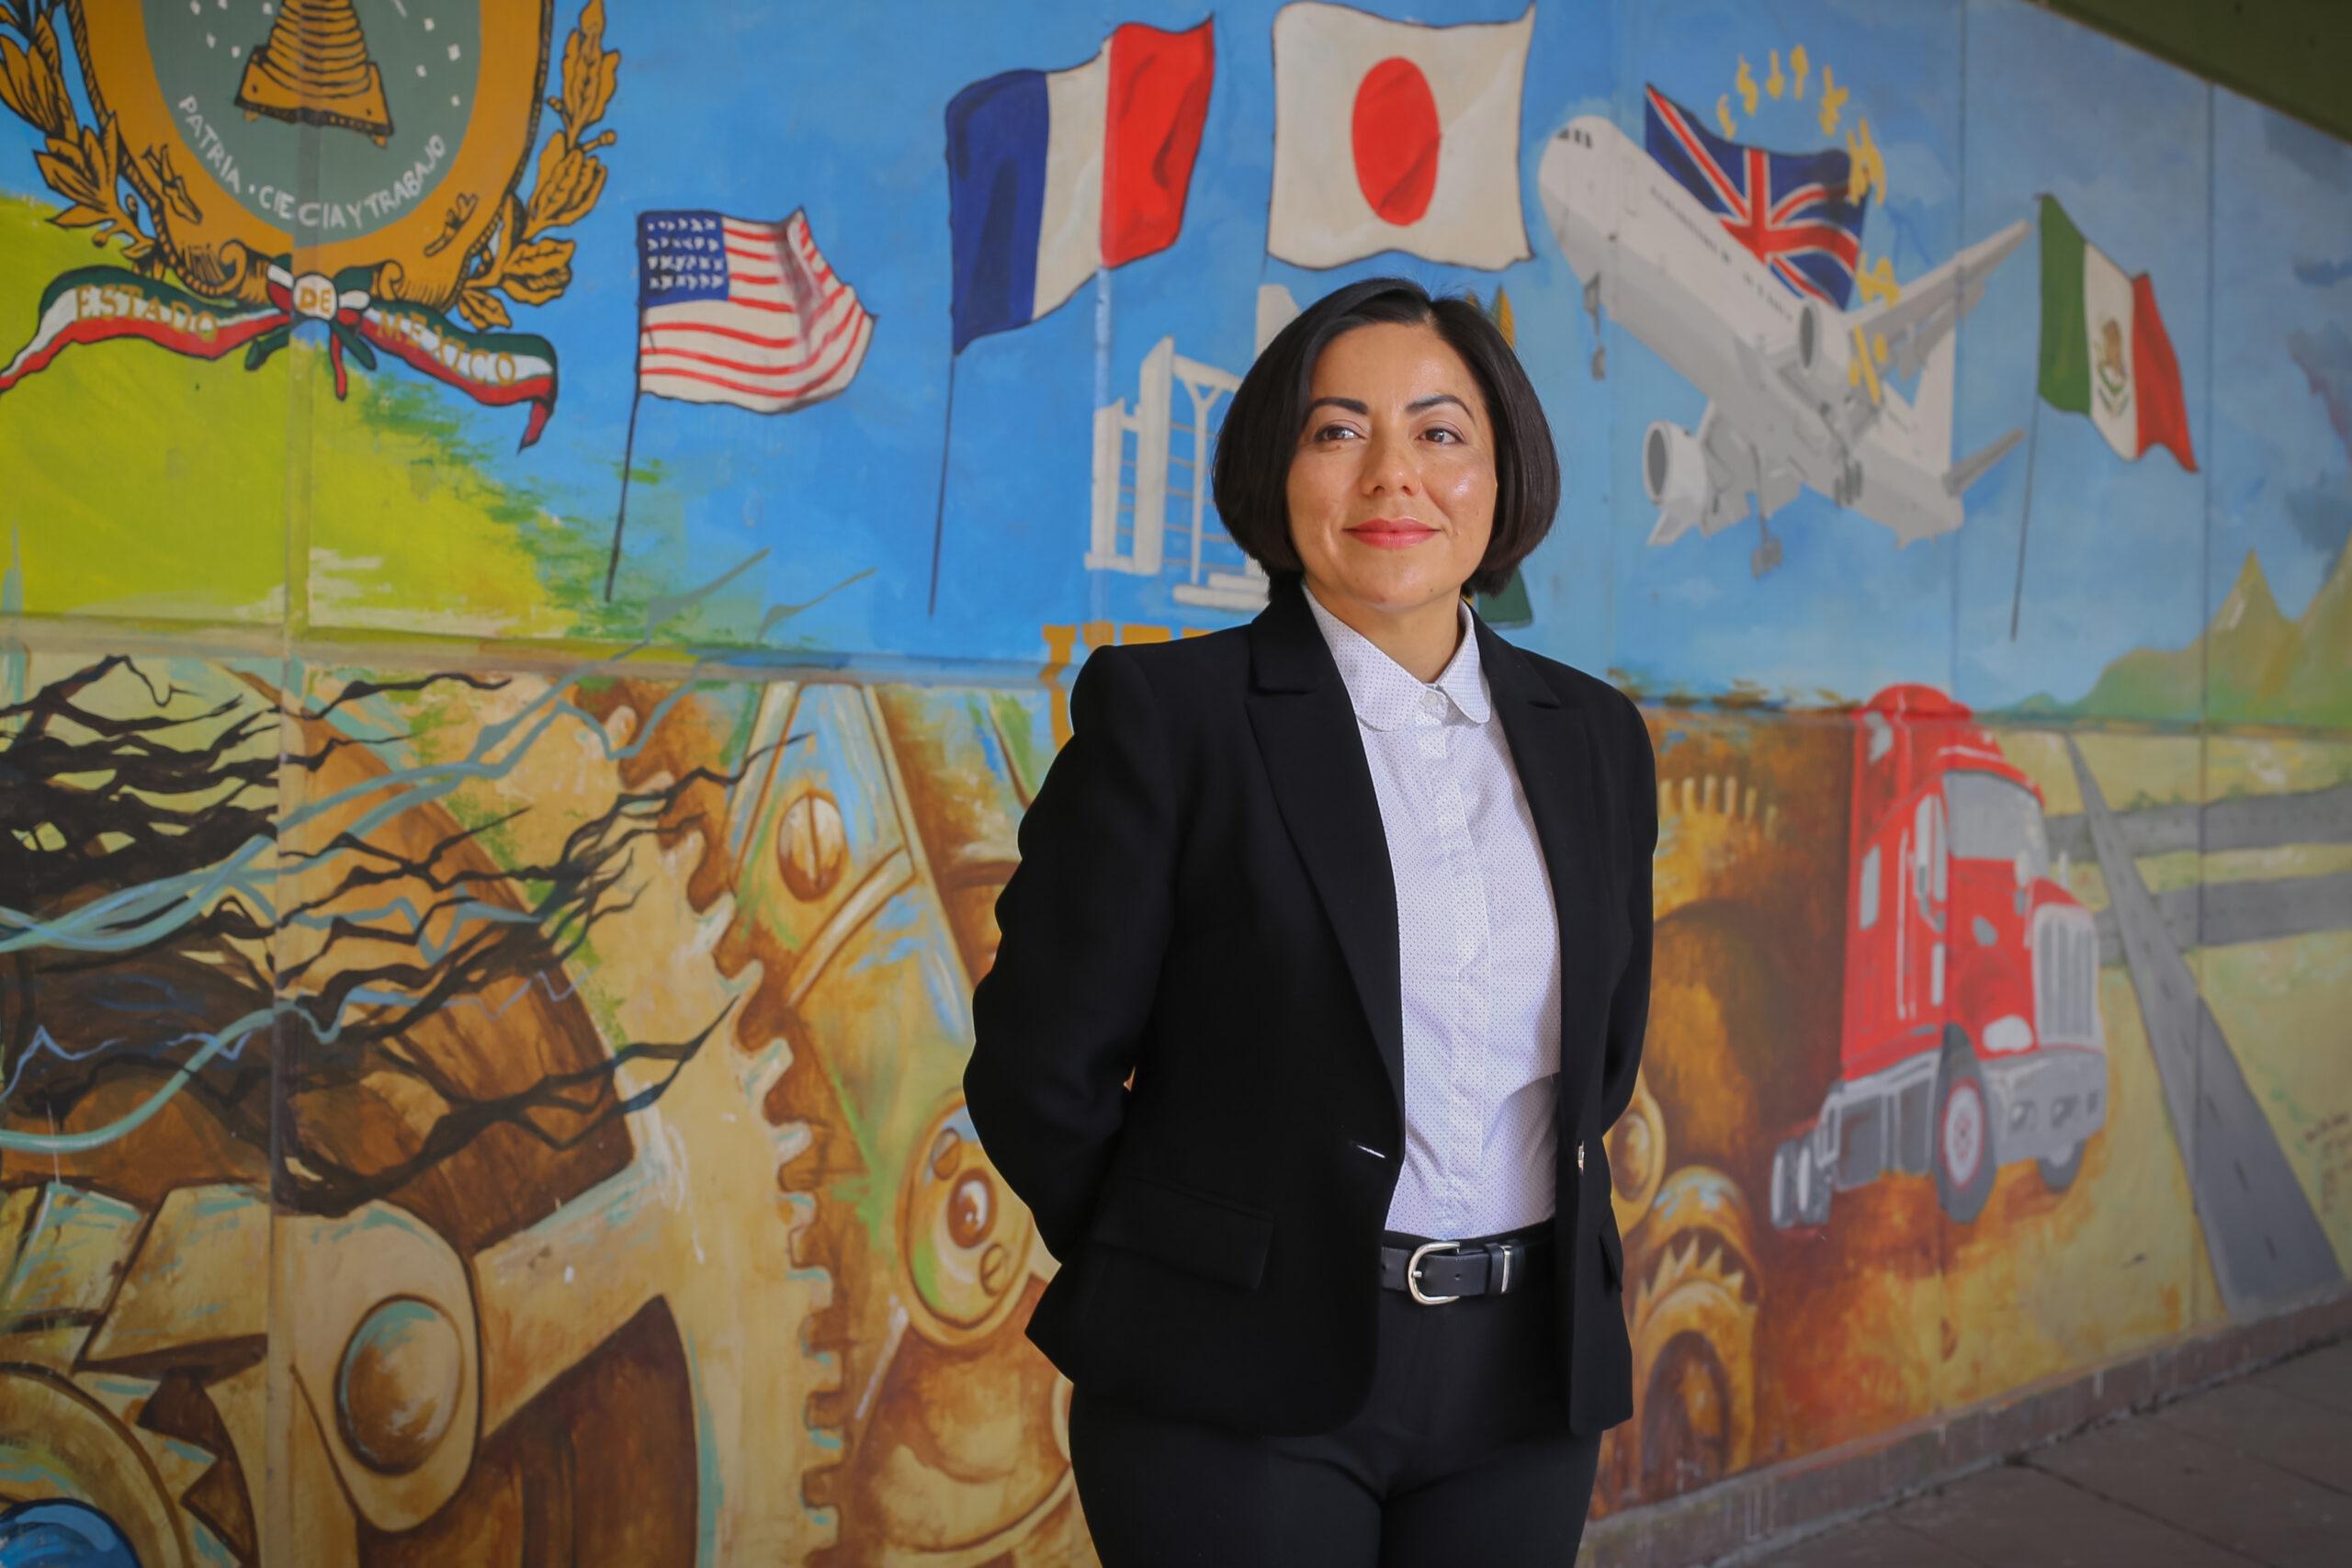 NORTEAMÉRICA CONTINÚA EN PROCESO DE ADAPTACIÓN AL T-MEC SEÑALA INVESTIGADORA DE LA UAEM